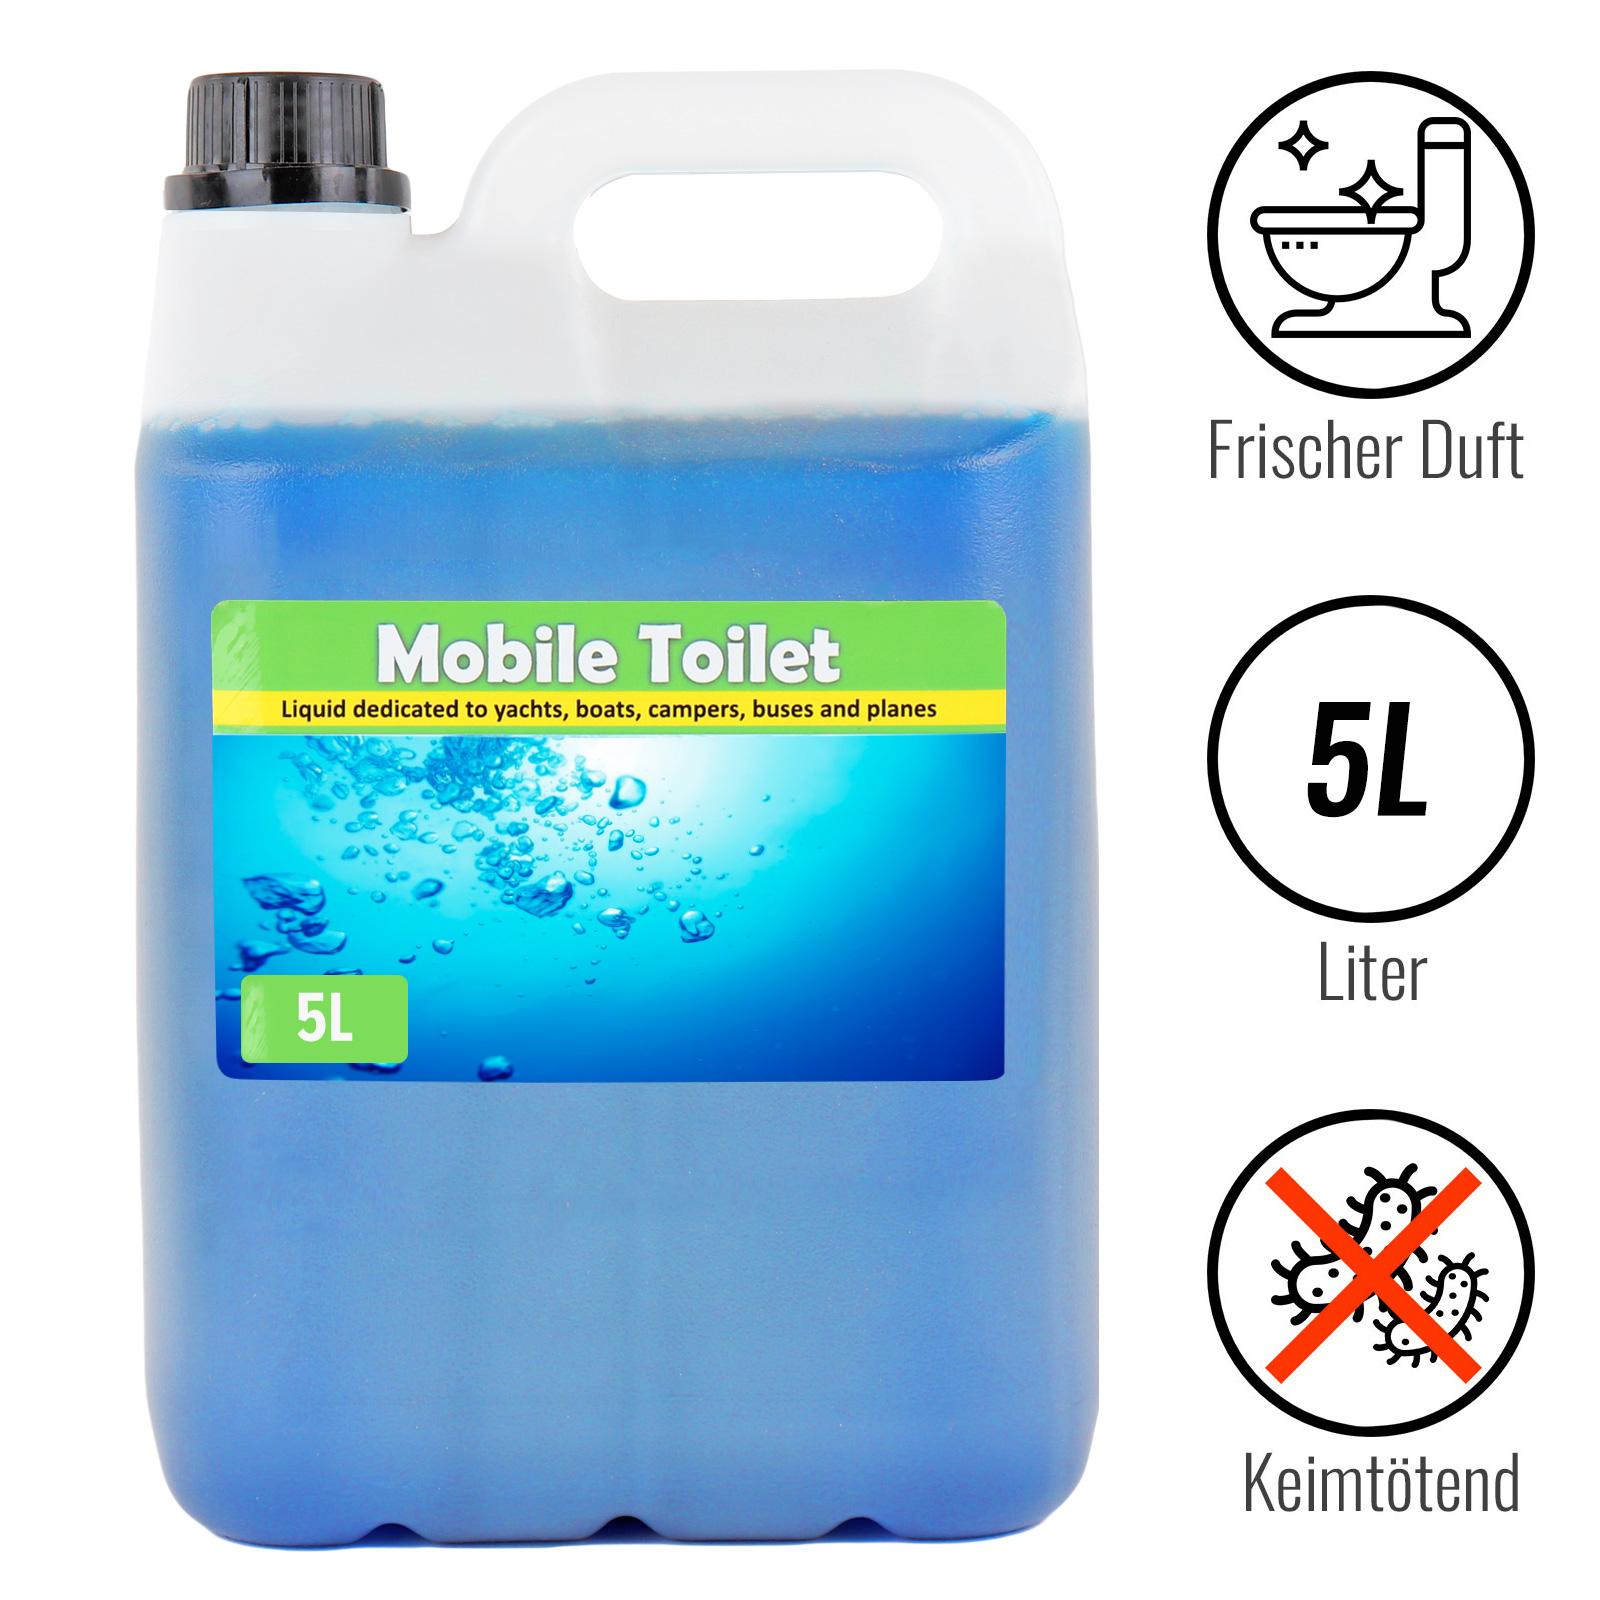 Toilettenzusatz 5 L, Sanitärkonzentrat, Toiletten Abwasser, keimtötend